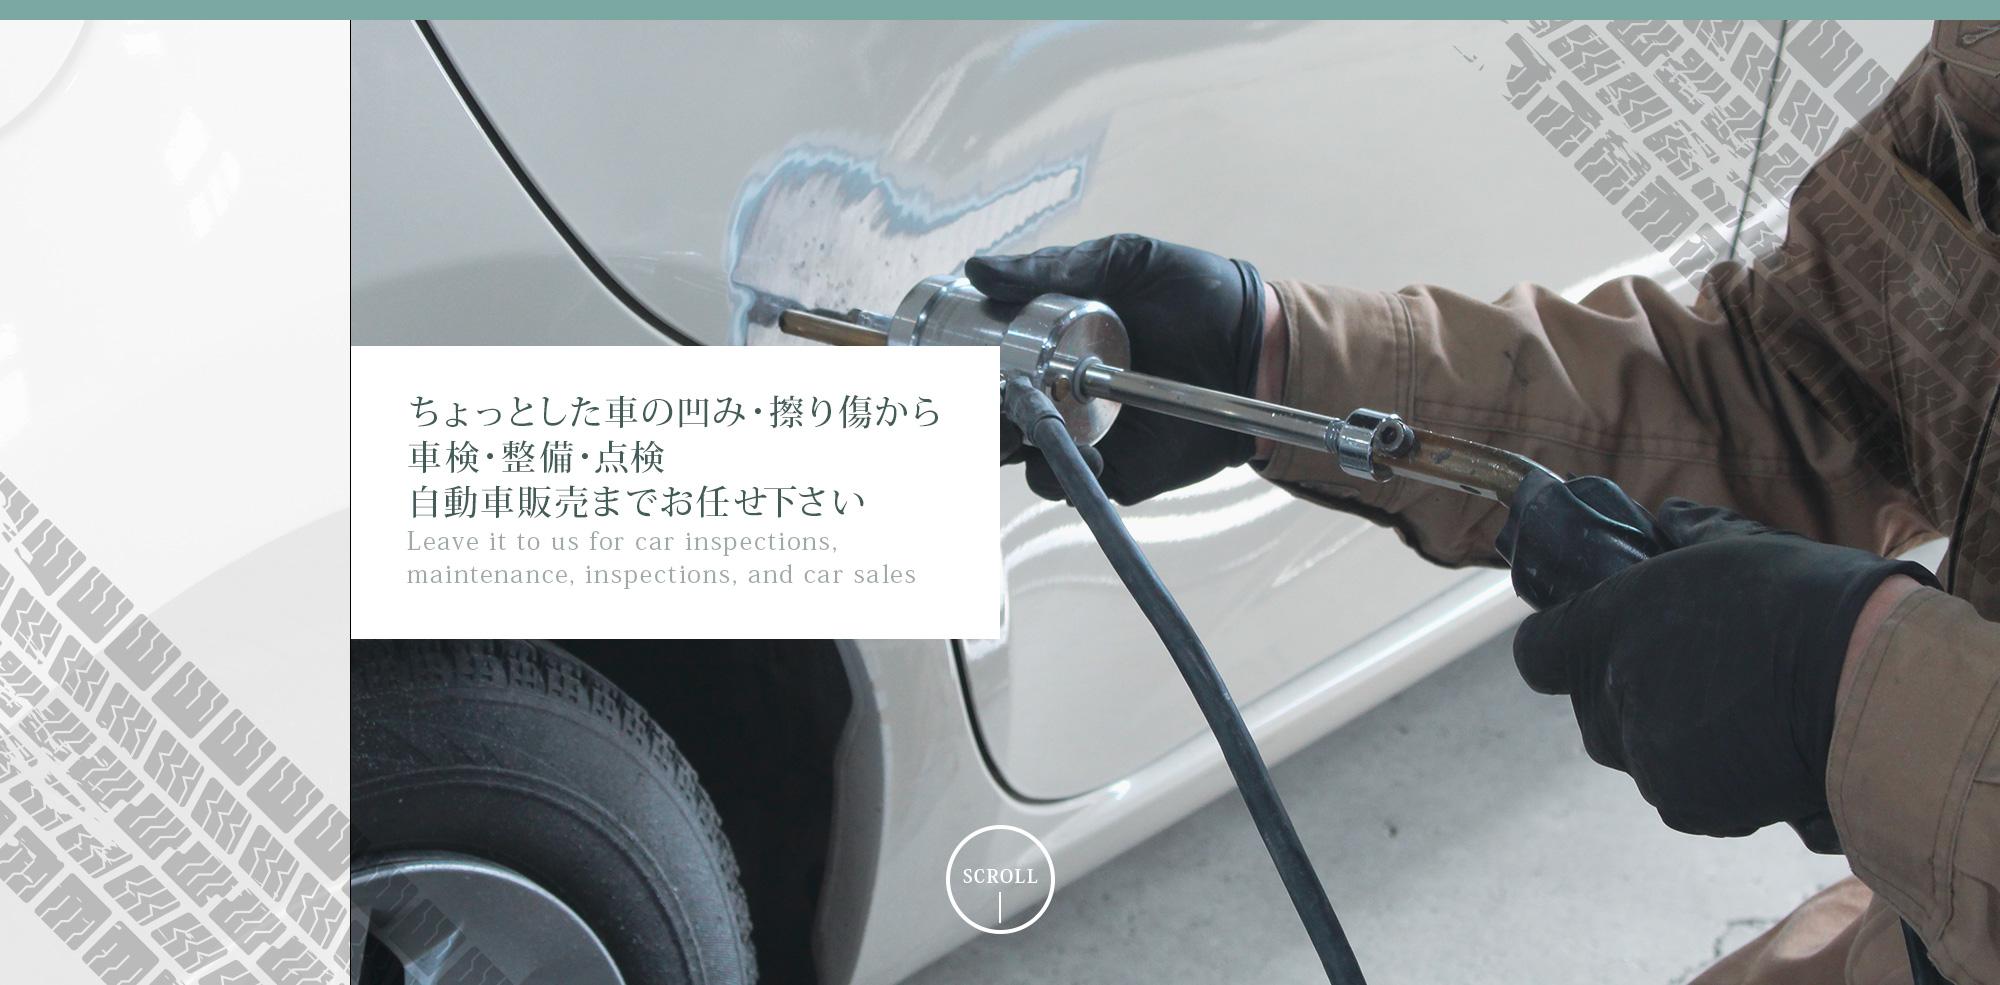 ちょっとした車の凹み・擦り傷から車検・整備・点検、自動車販売までお任せ下さい